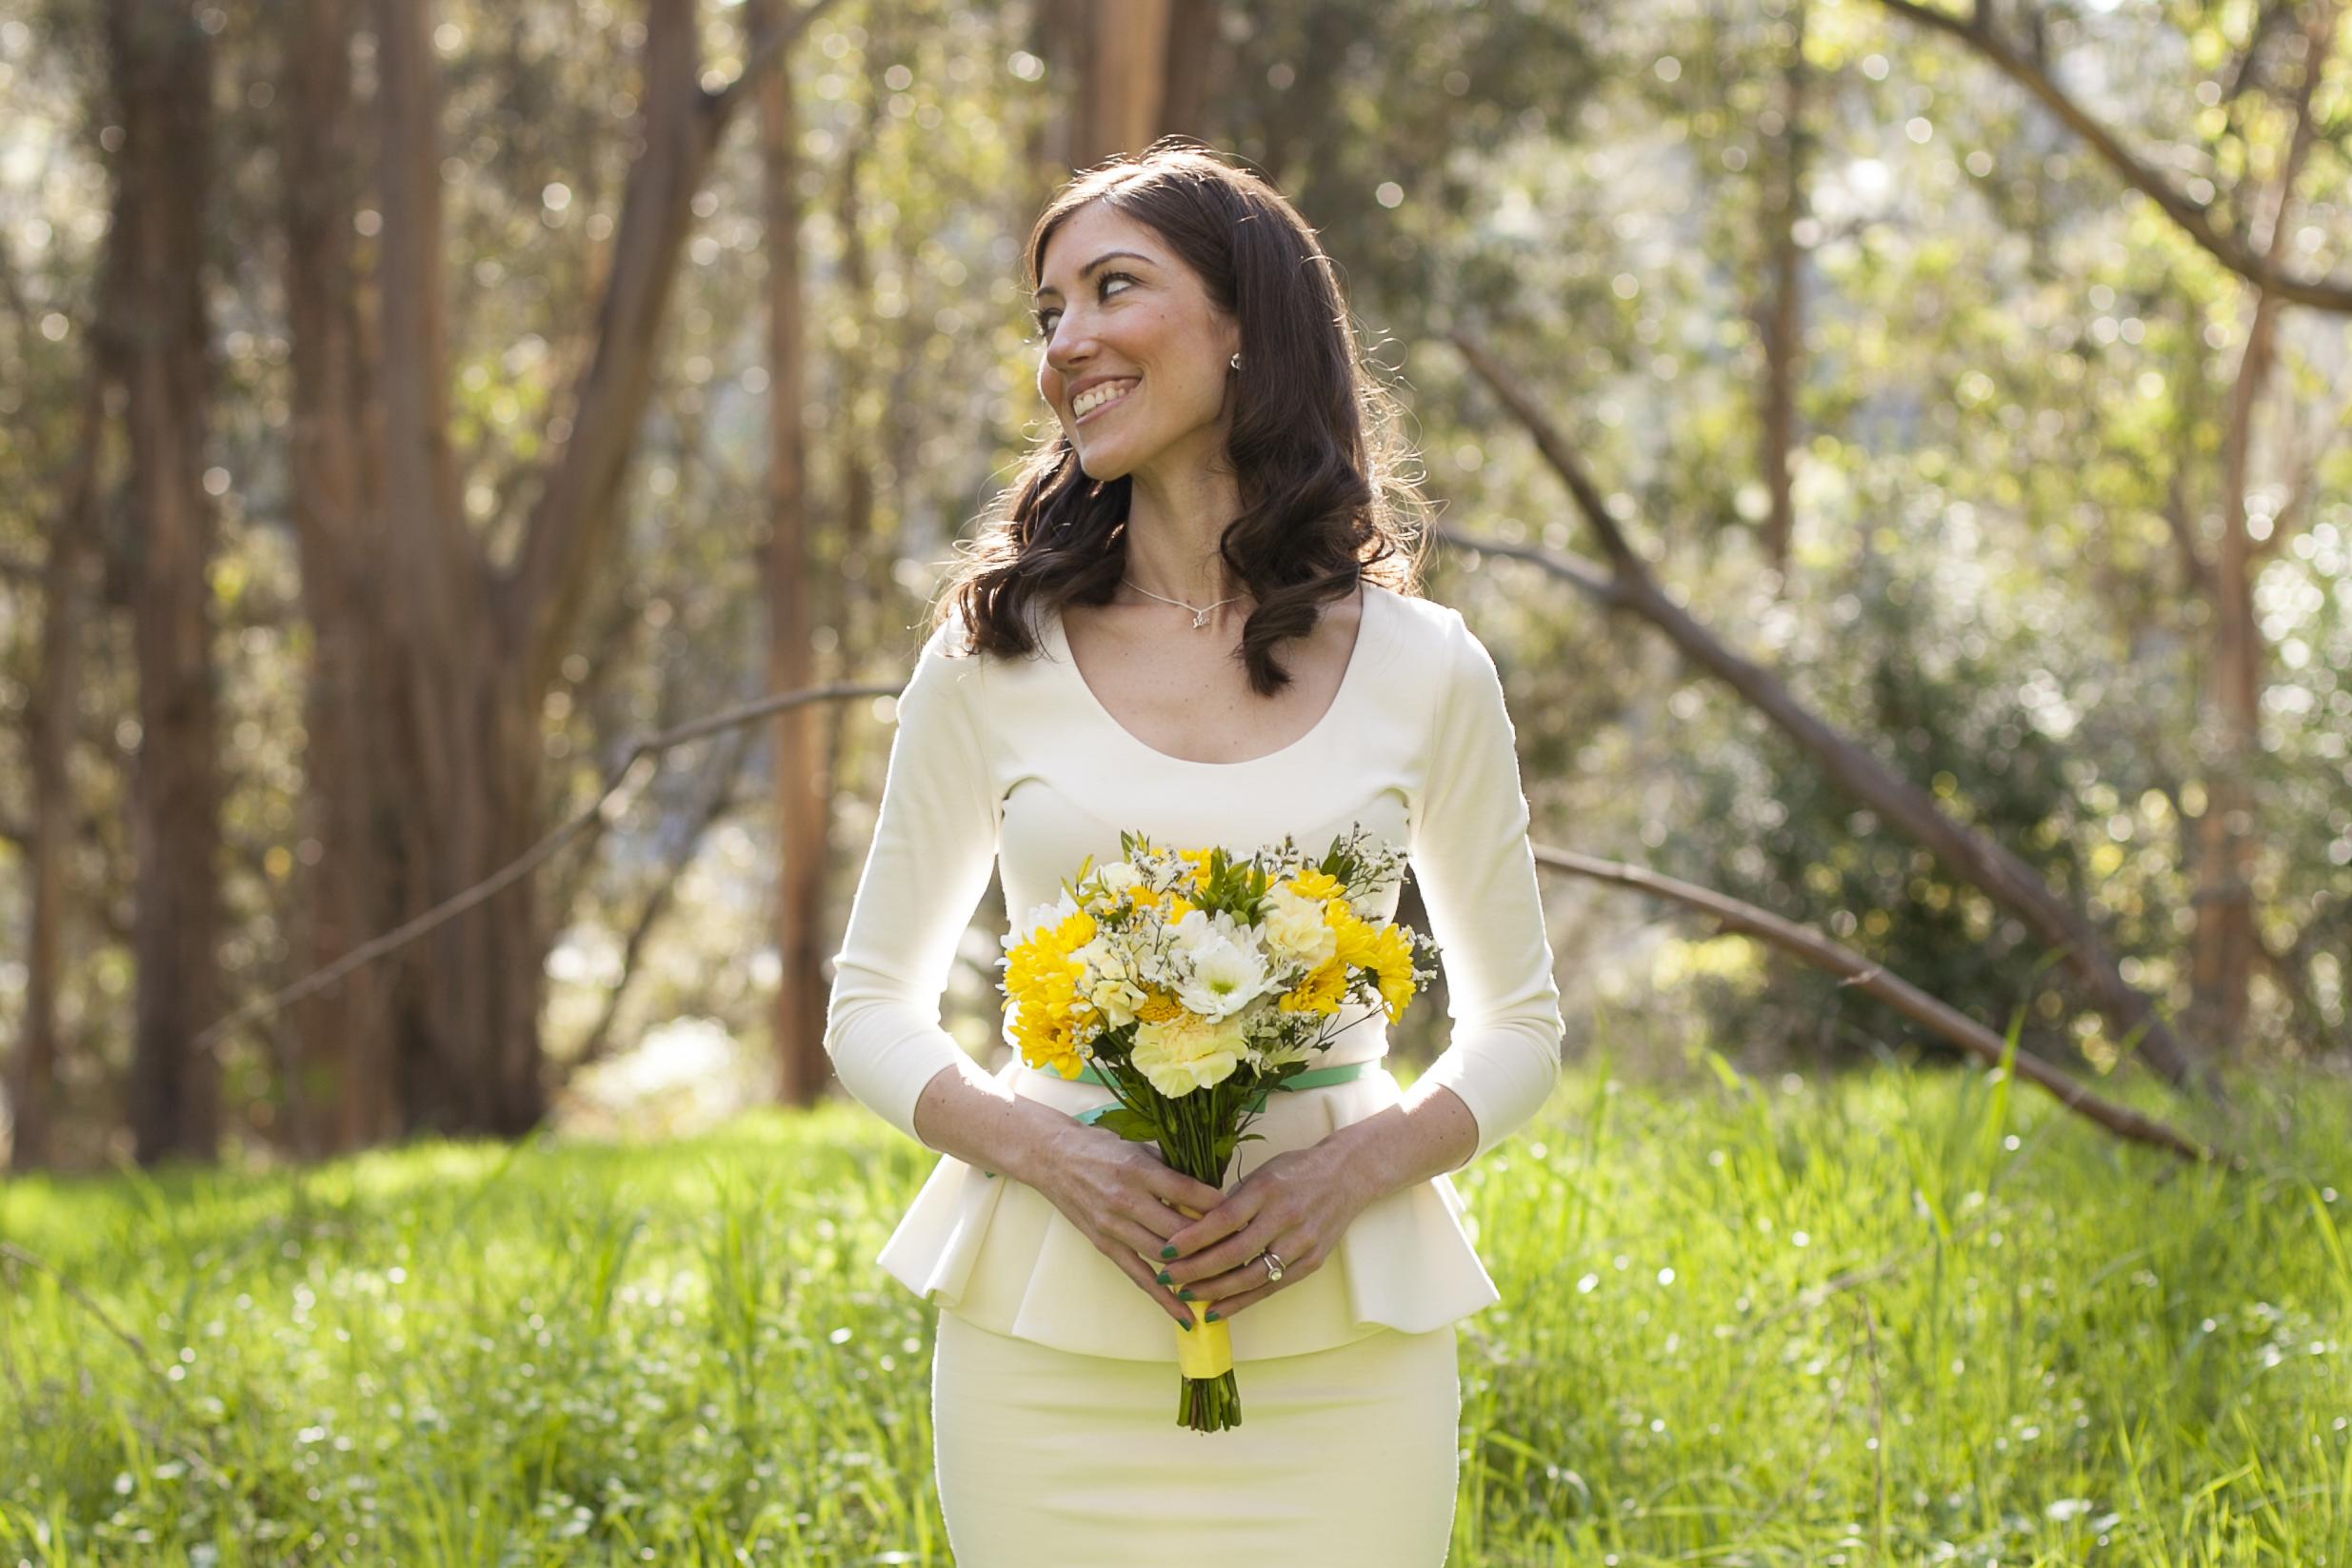 Tilden Park Berkeley Wedding Photographer-Meo Baaklini056.jpg